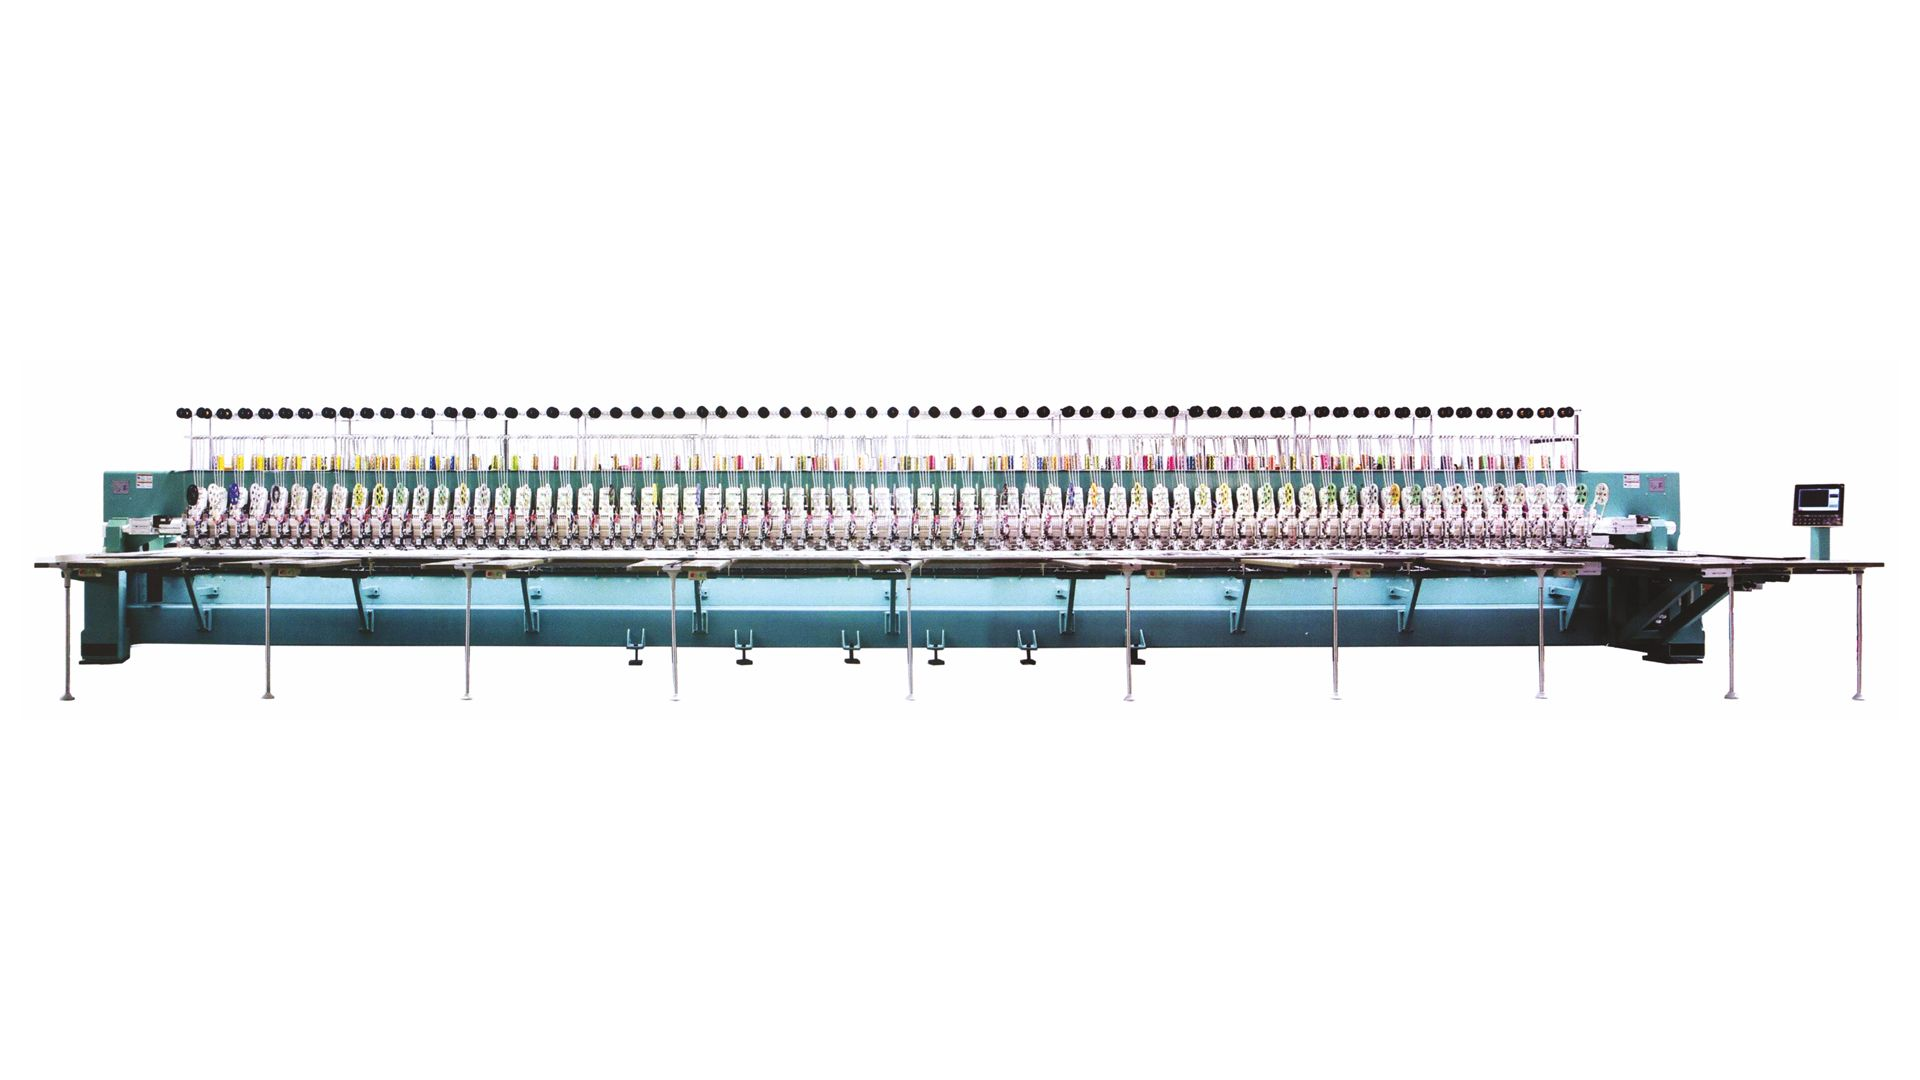 Yüksek Hızlı Suyla Temizlenebilir Nakış Makinesi YX-H